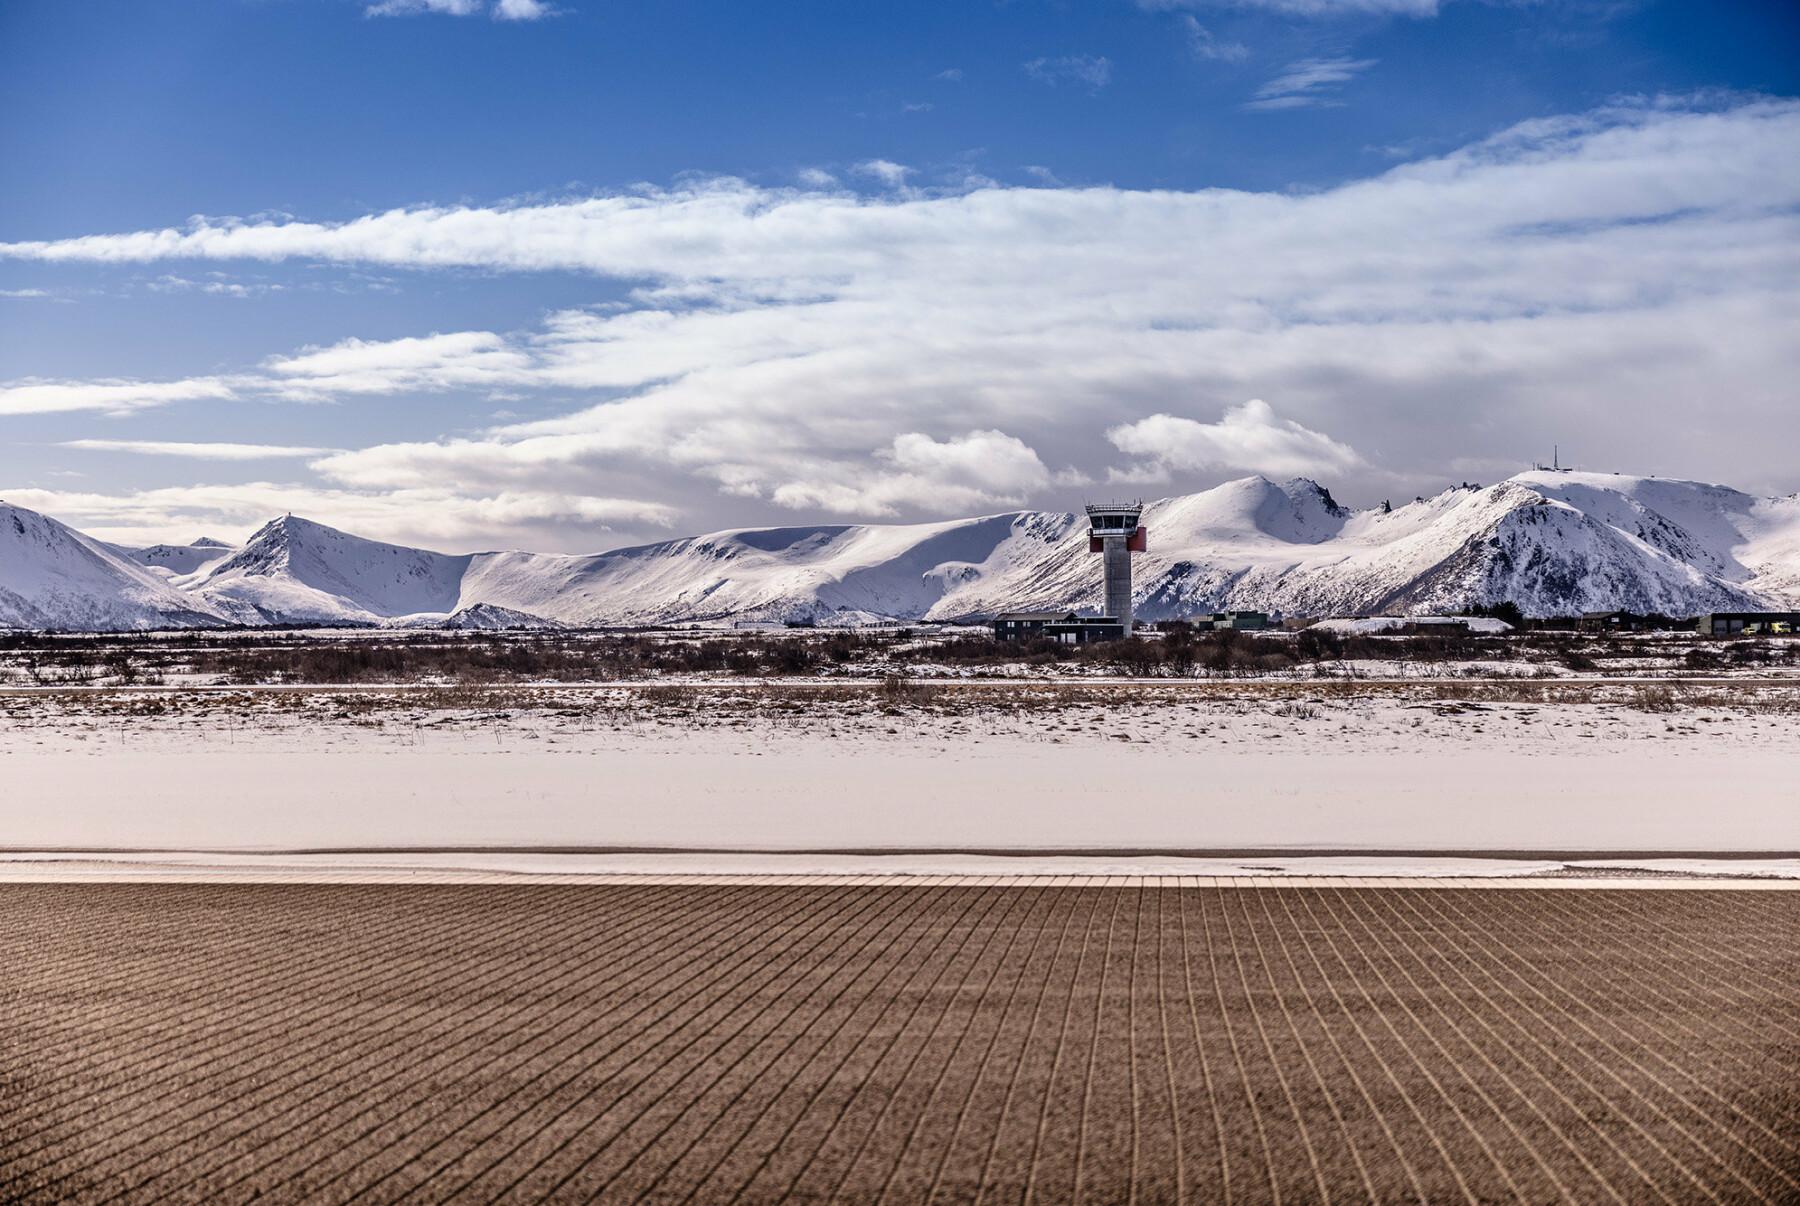 For at fly skal lande på Andøya må flystasjonen sørge for svart rullebane. Det er krevende når været skifter ofte.